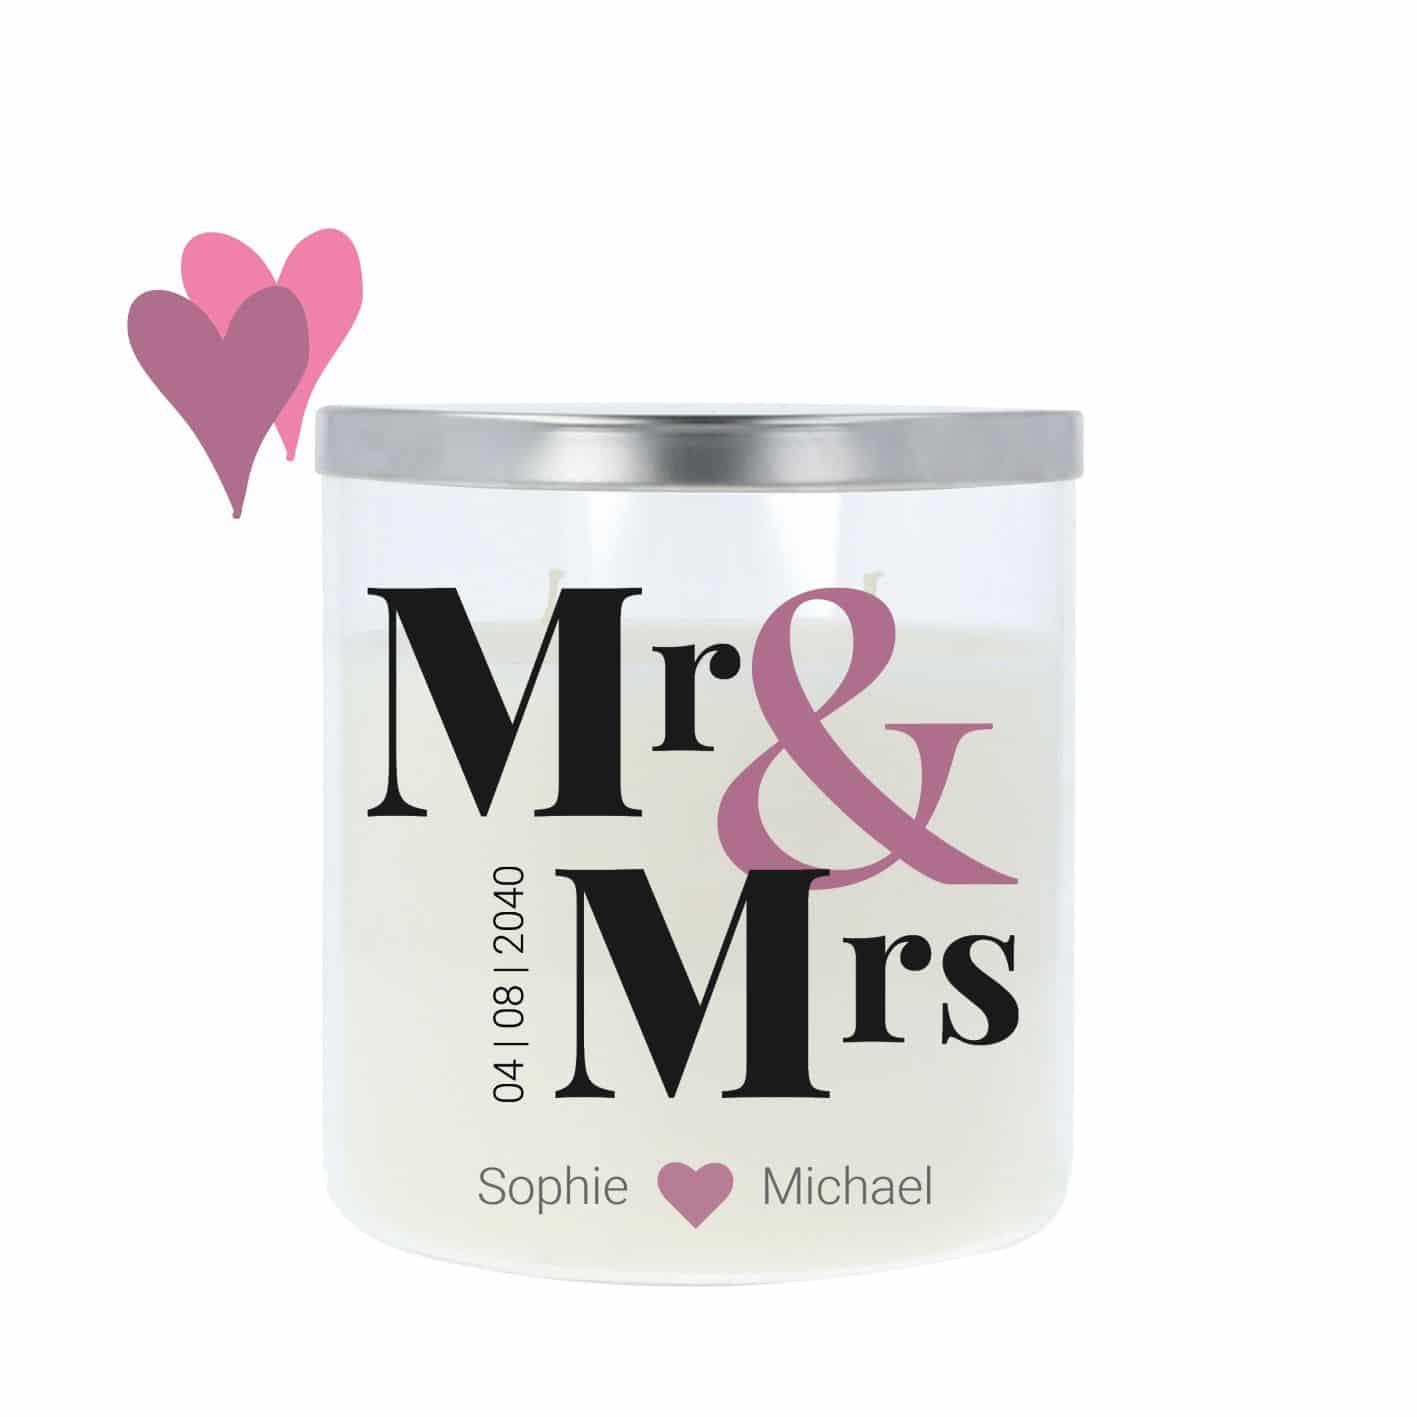 Hochzeitskerze im Glas mit silbernem Metalldeckel und moderner Mr & Mrs Aufschrift